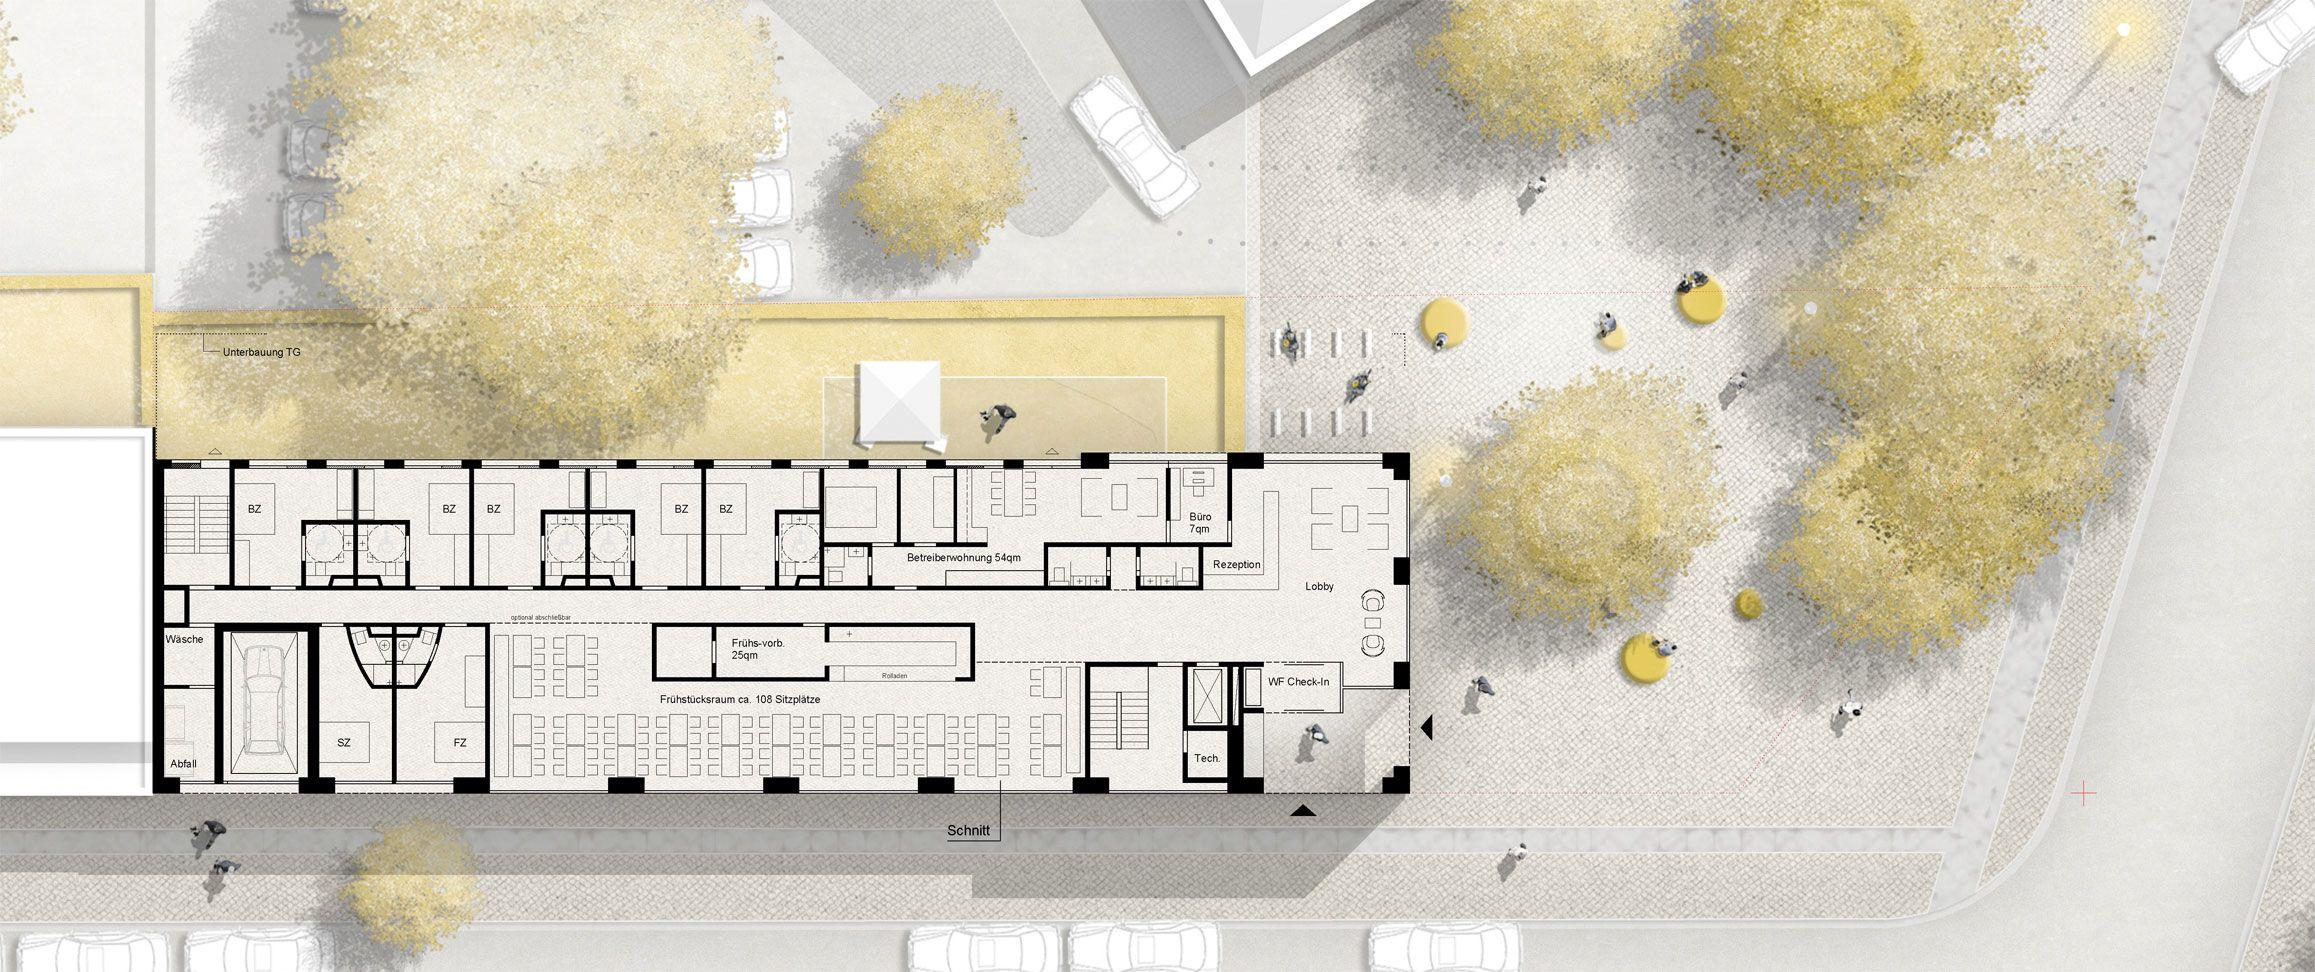 1 preis neubau eines b b hotels competitionline grundrisse und lagepl ne pinterest hotels